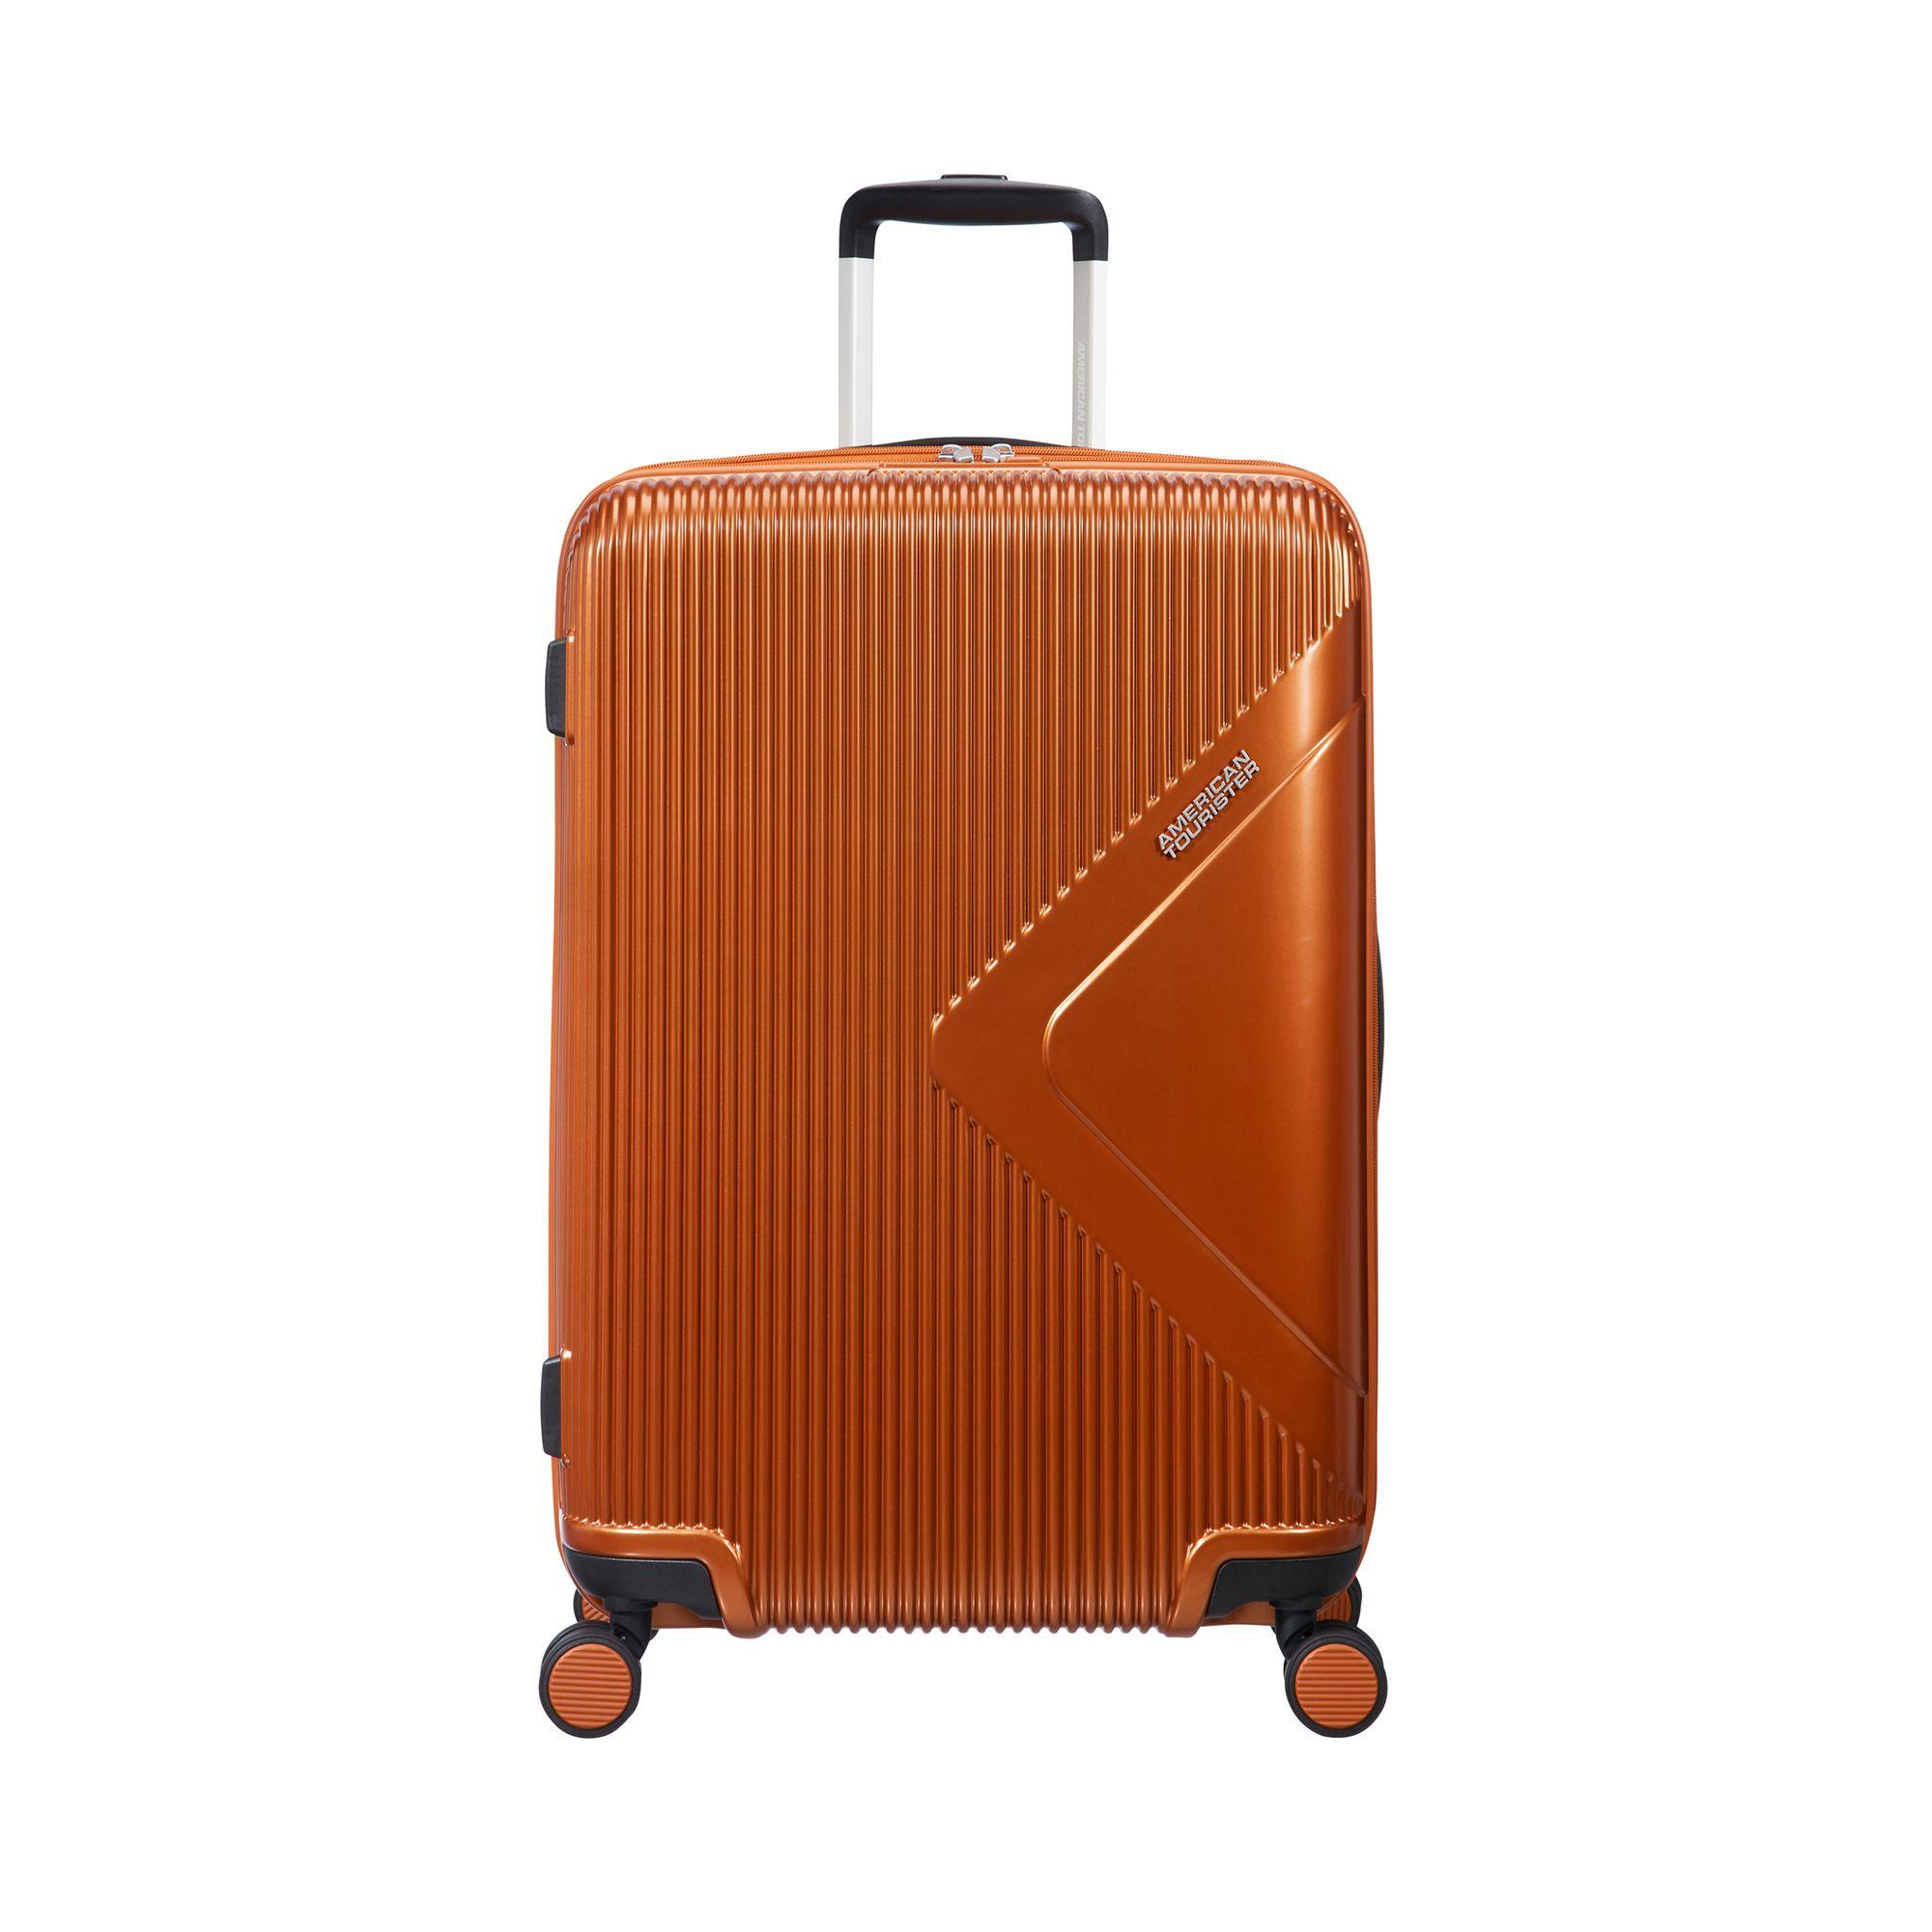 Bilde av American Tourister Modern Dream, Koffert, 4 Hjul, 69 Cm, Orange